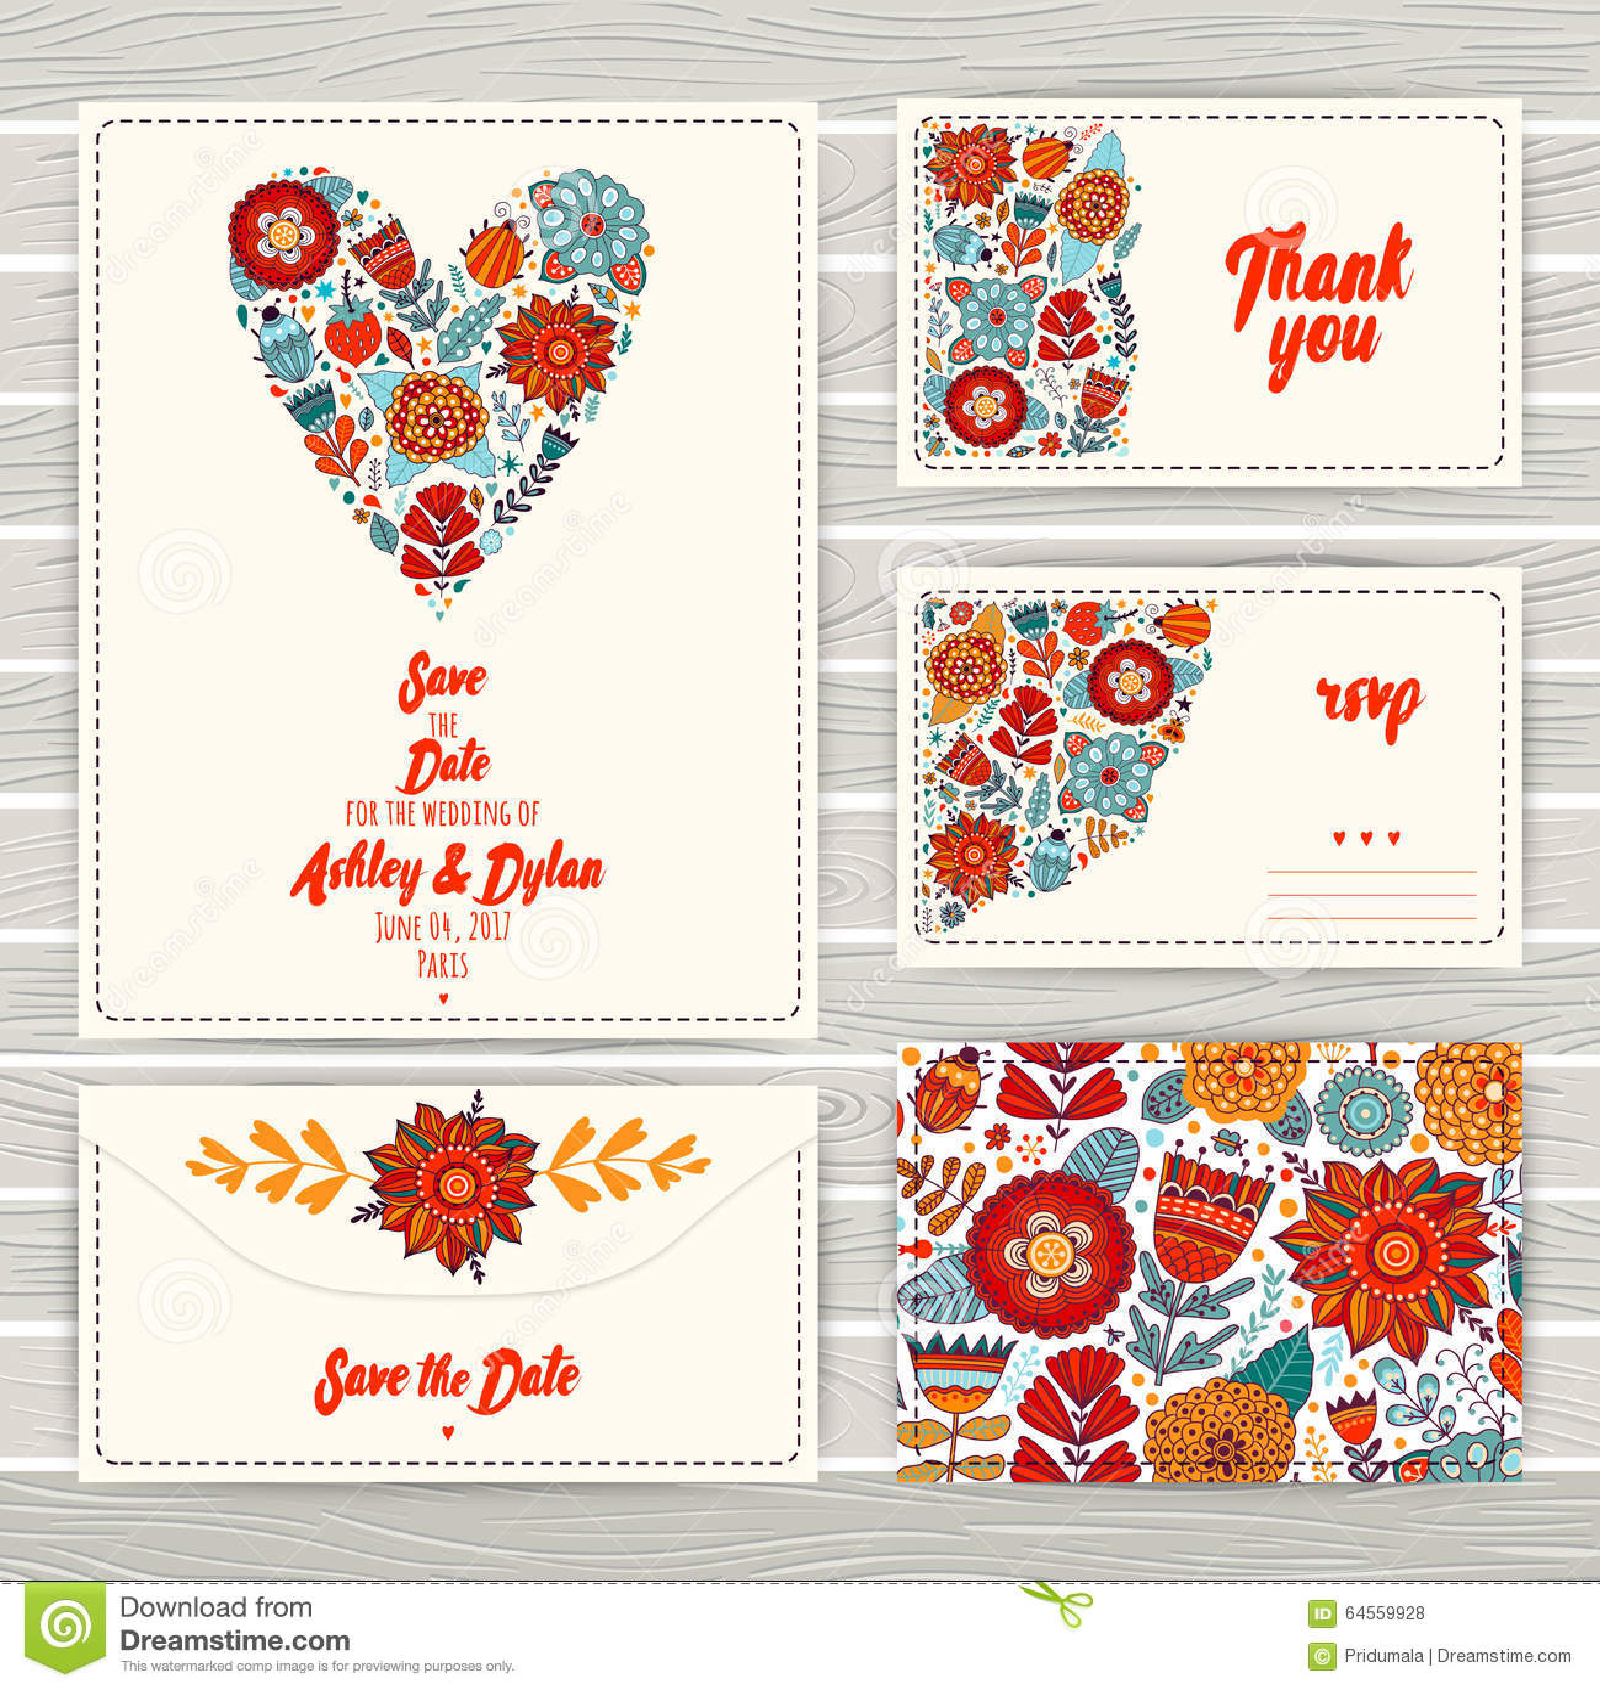 婚礼邀请模板:邀请,信封,谢谢拟订,保存日期卡片 设置婚礼 RSVP卡片 婚姻事件 VA